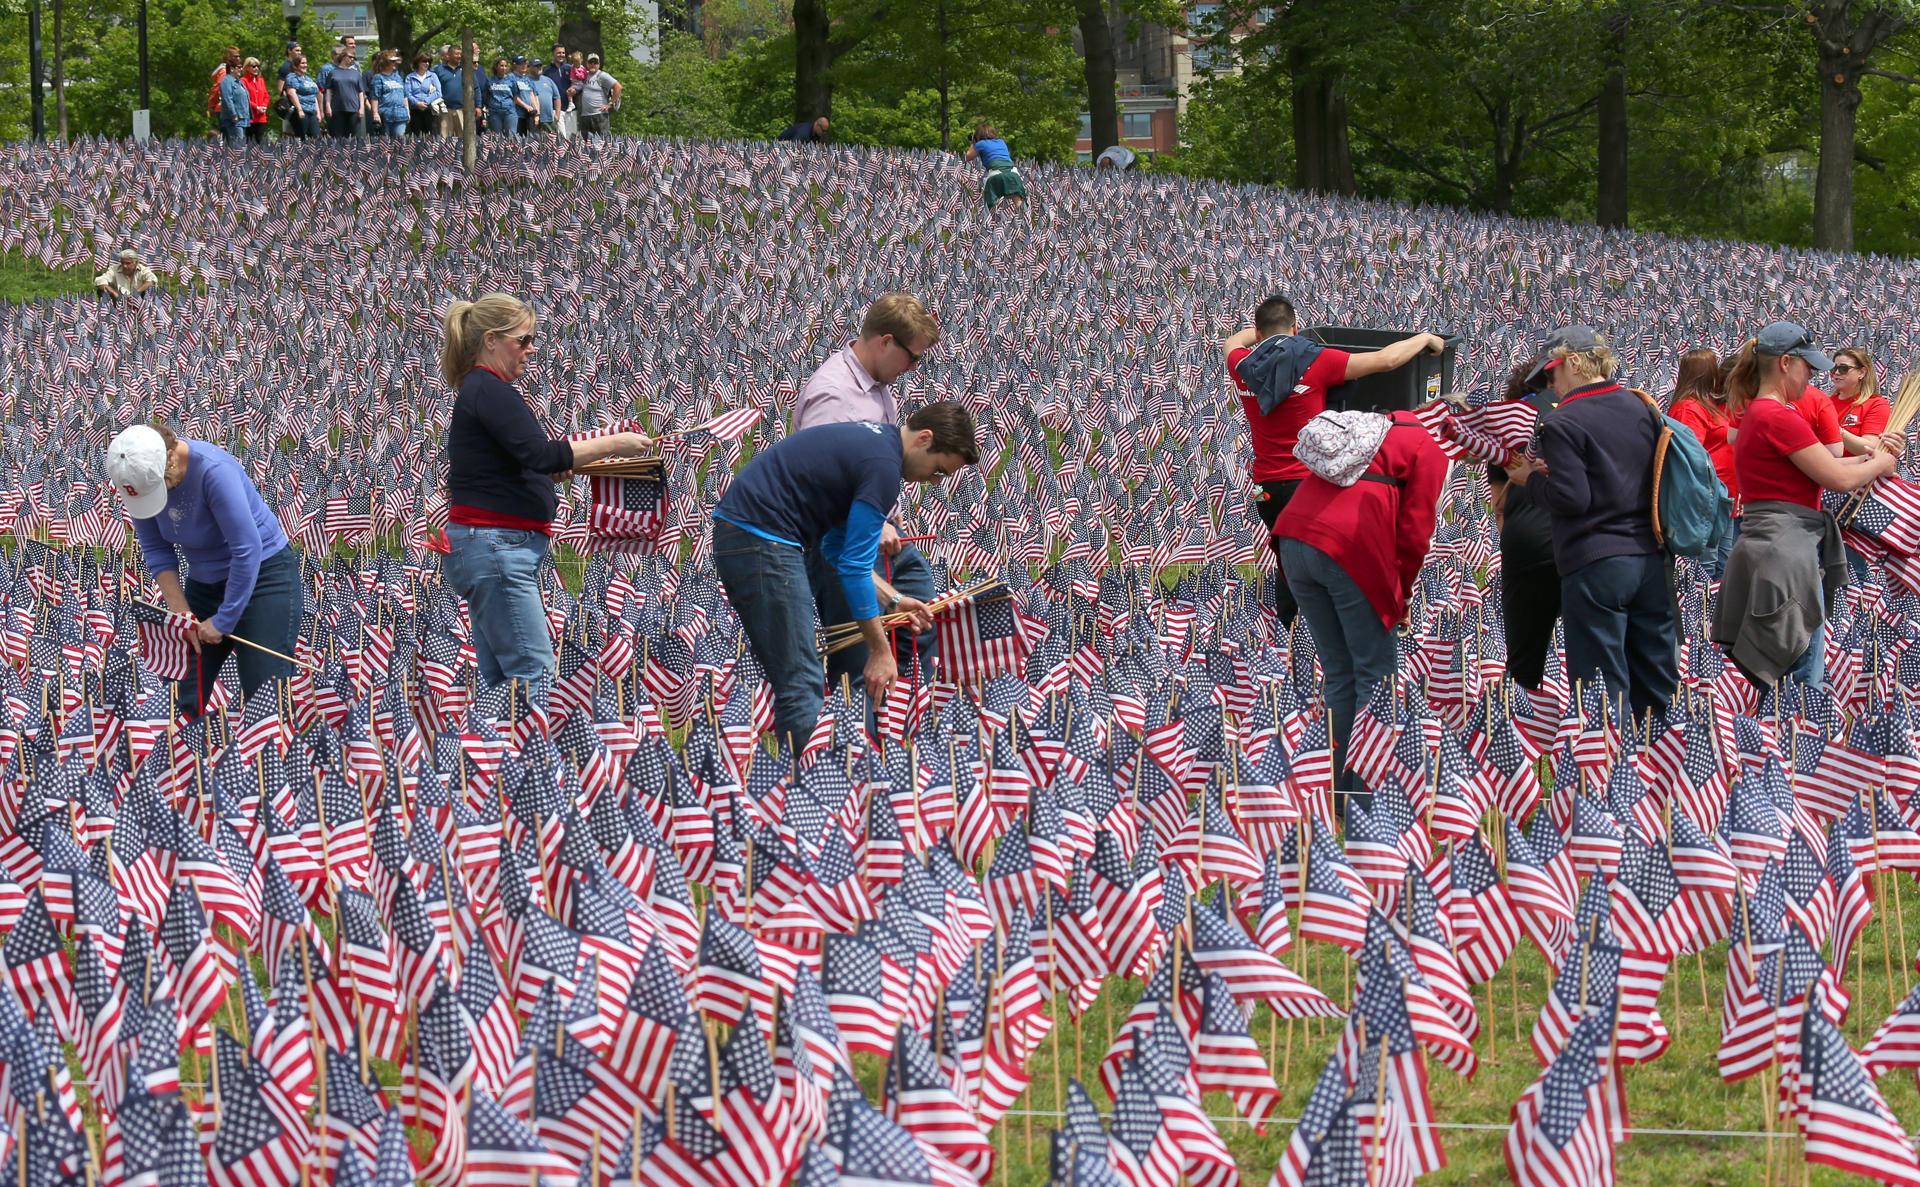 https://c.o0bg.com/rf/image_1920w/Boston/2011-2020/2015/05/20/BostonGlobe.com/Metro/Images/ryan_flags1_met.jpg